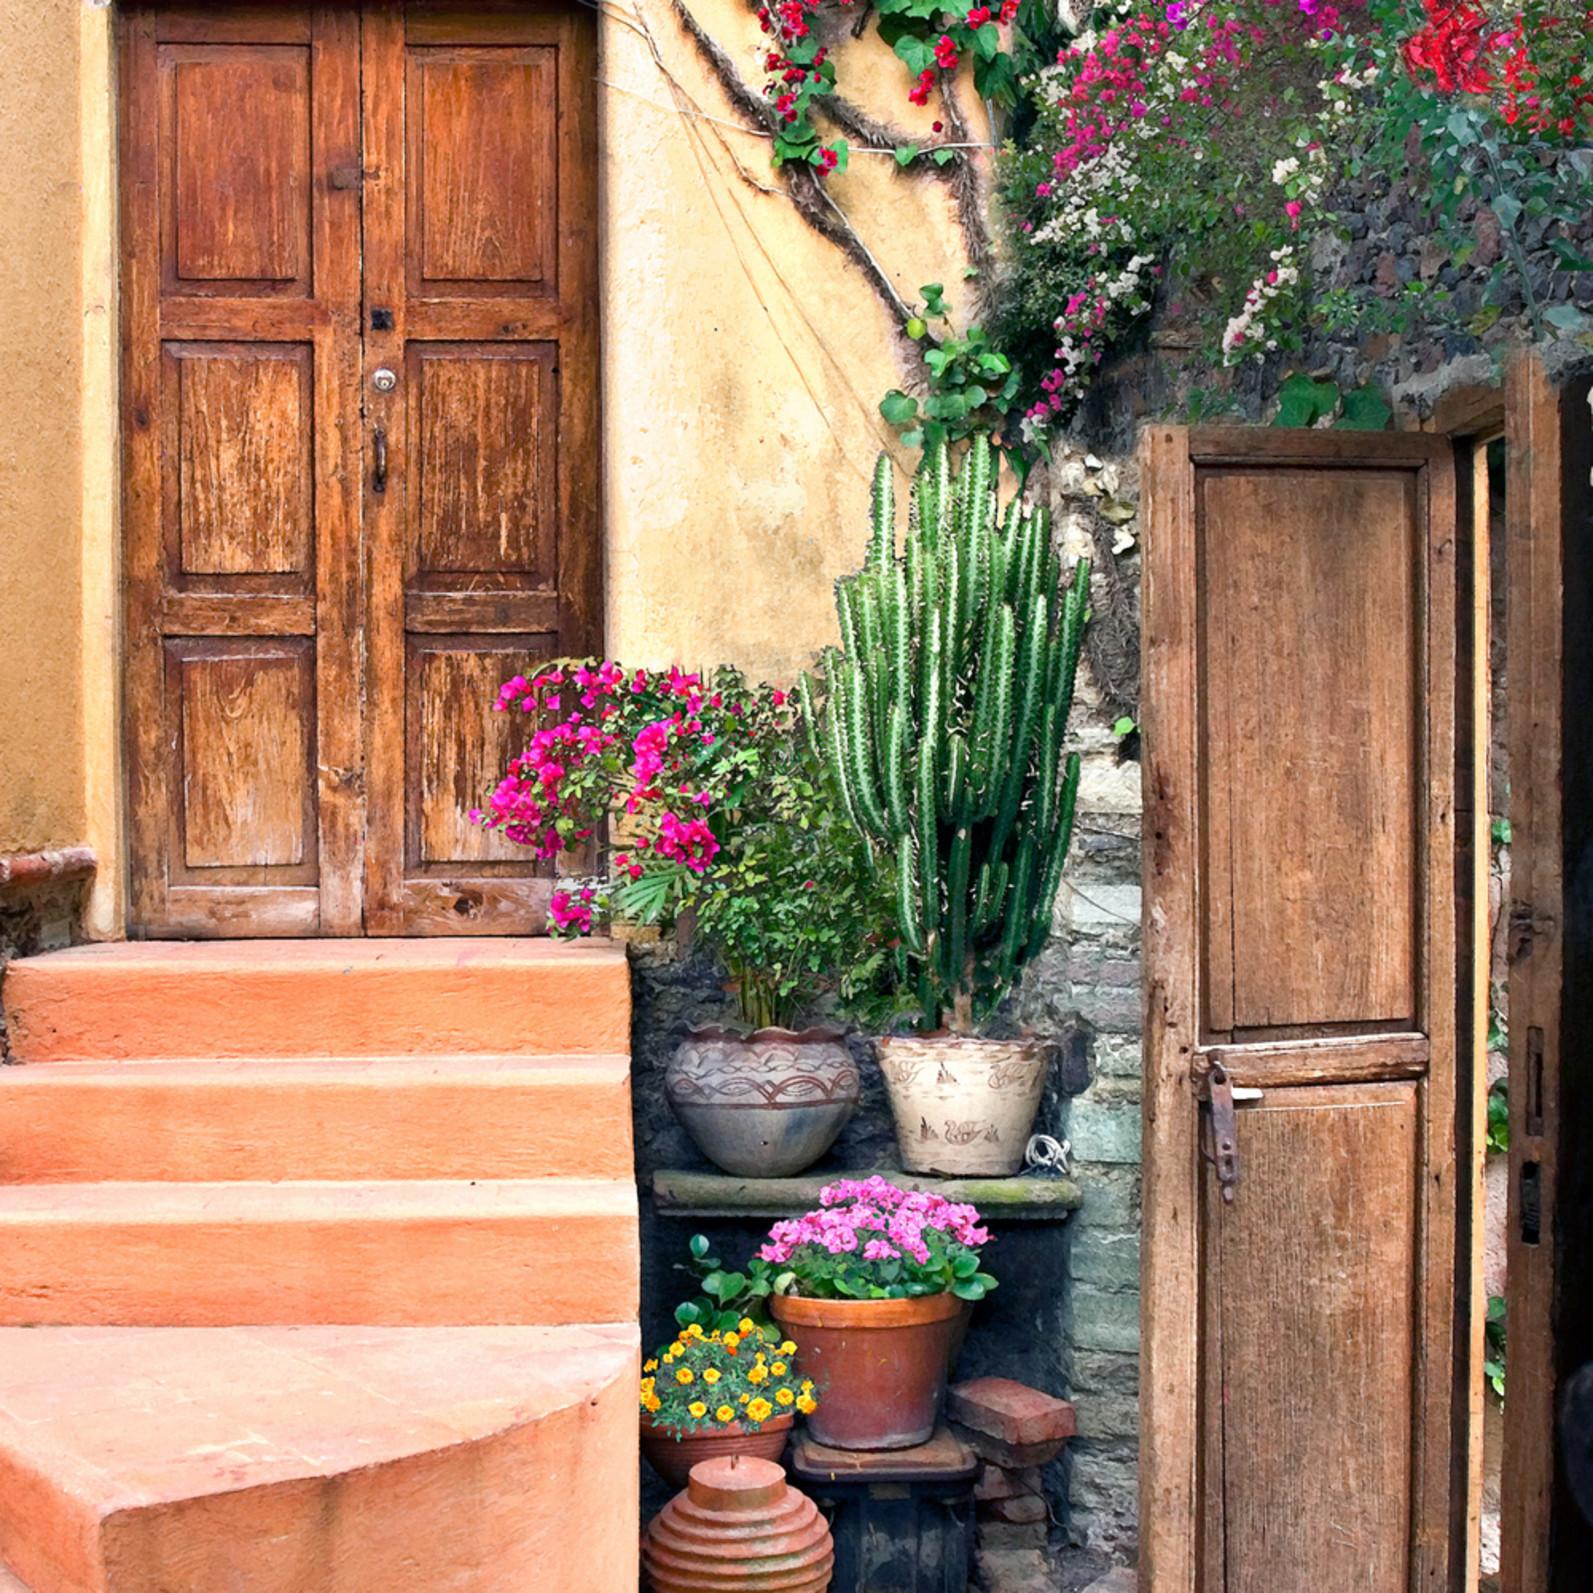 Puerta al natural y el jardin qeejmh